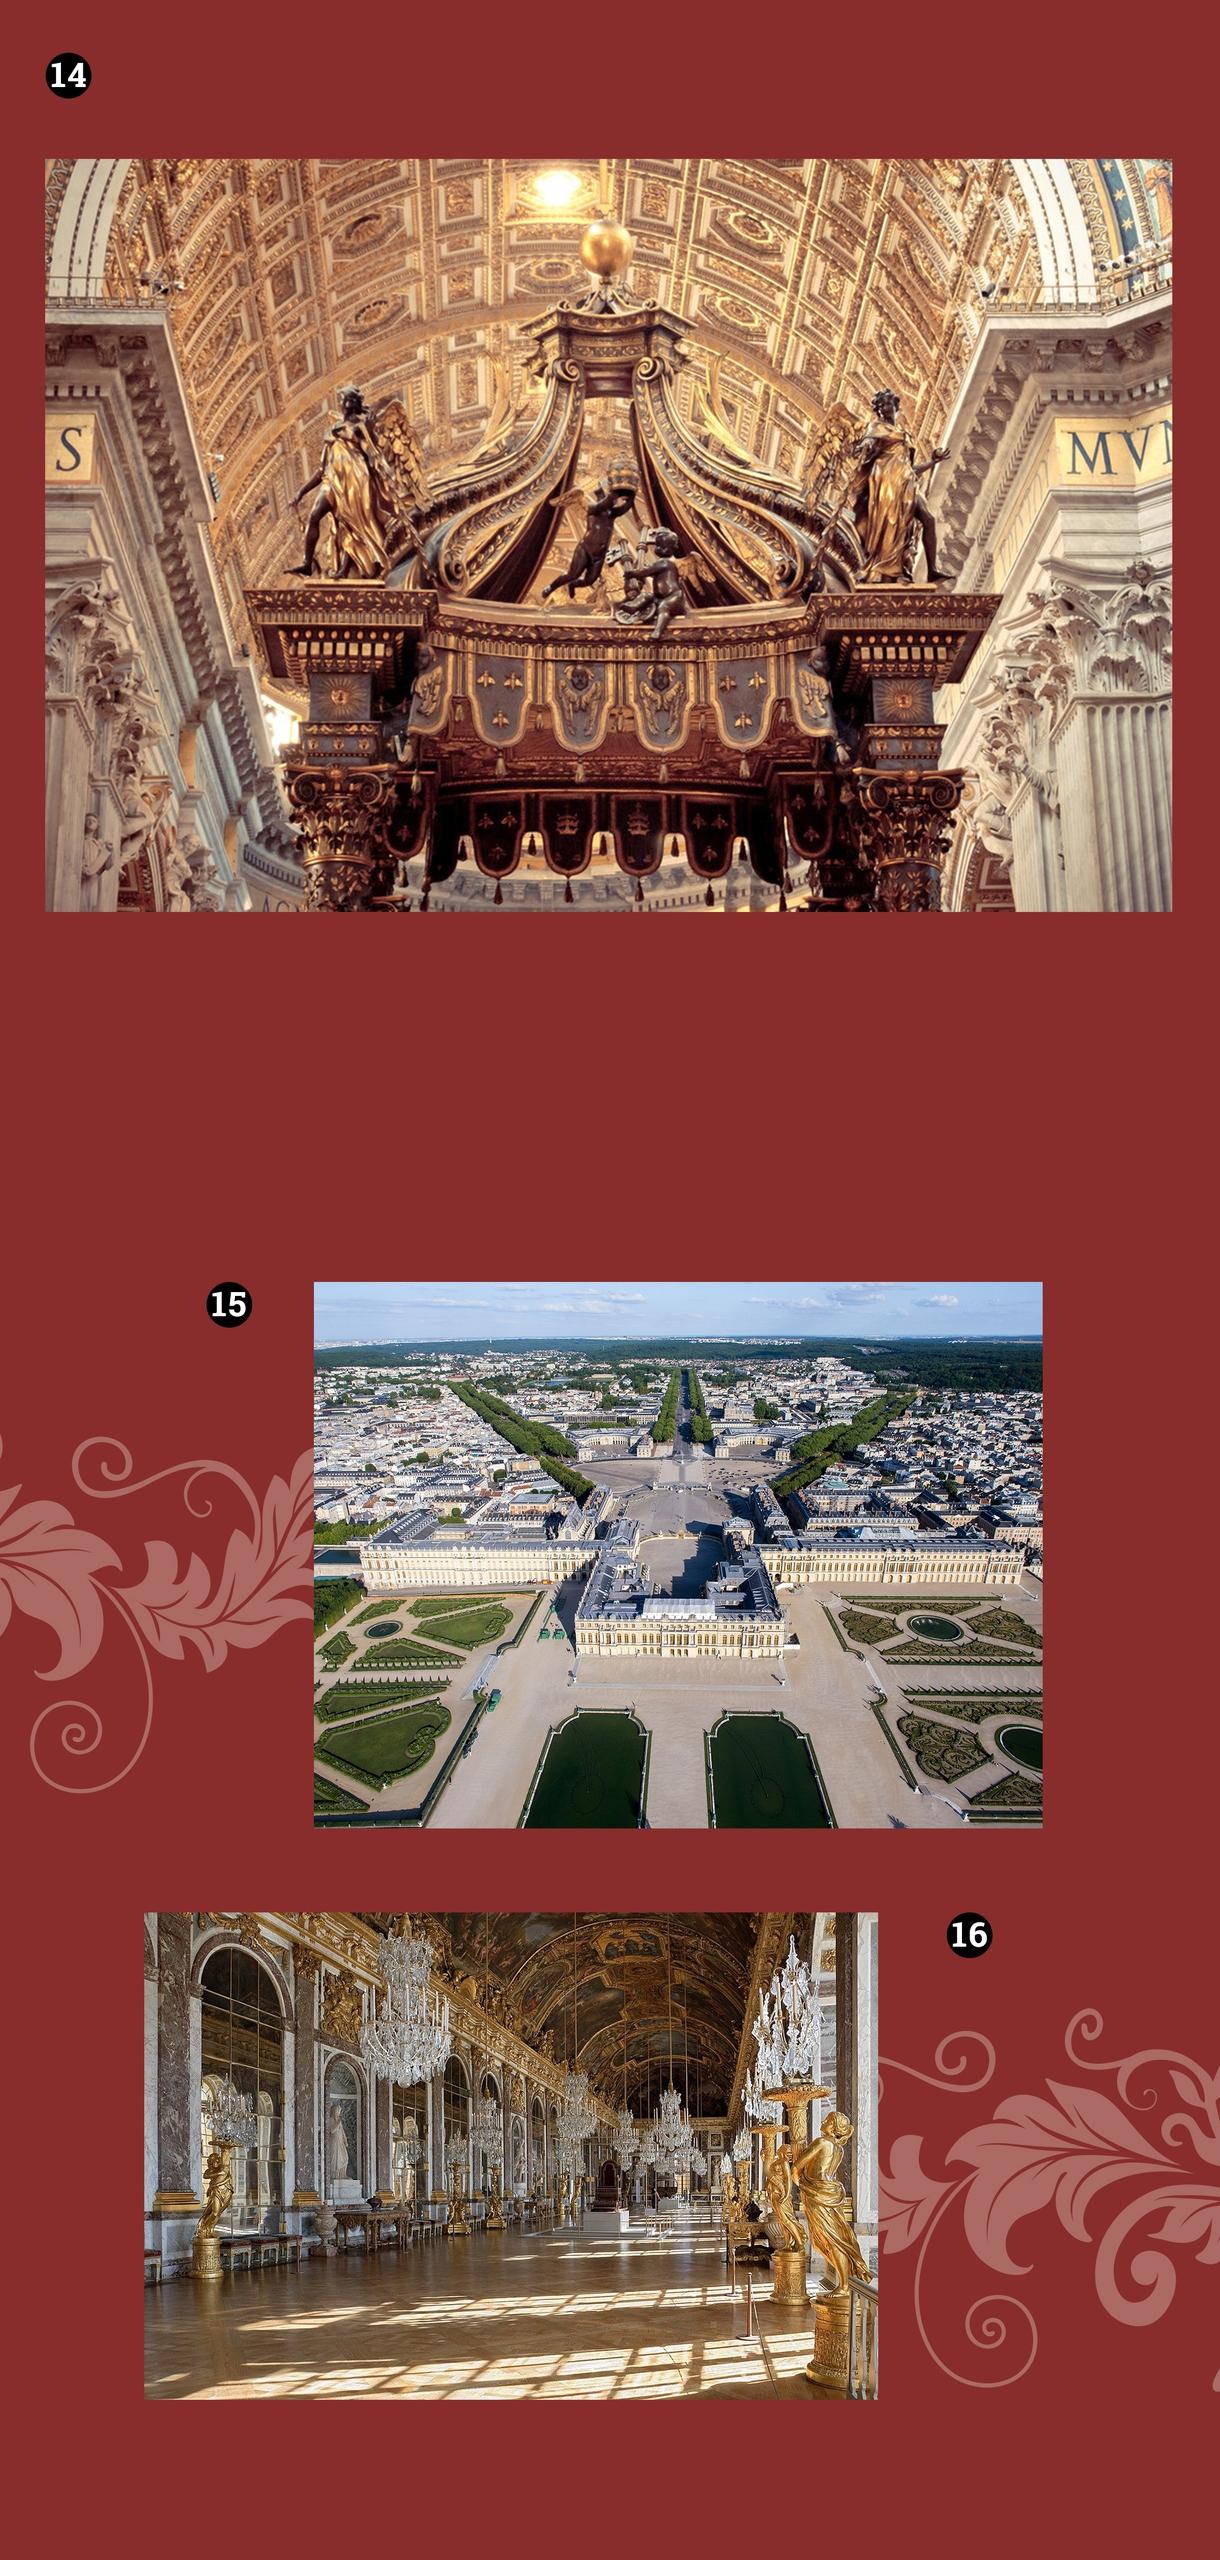 Obraz przedstawia trzy zdjęcia barokowych budowli na bordowym tle.